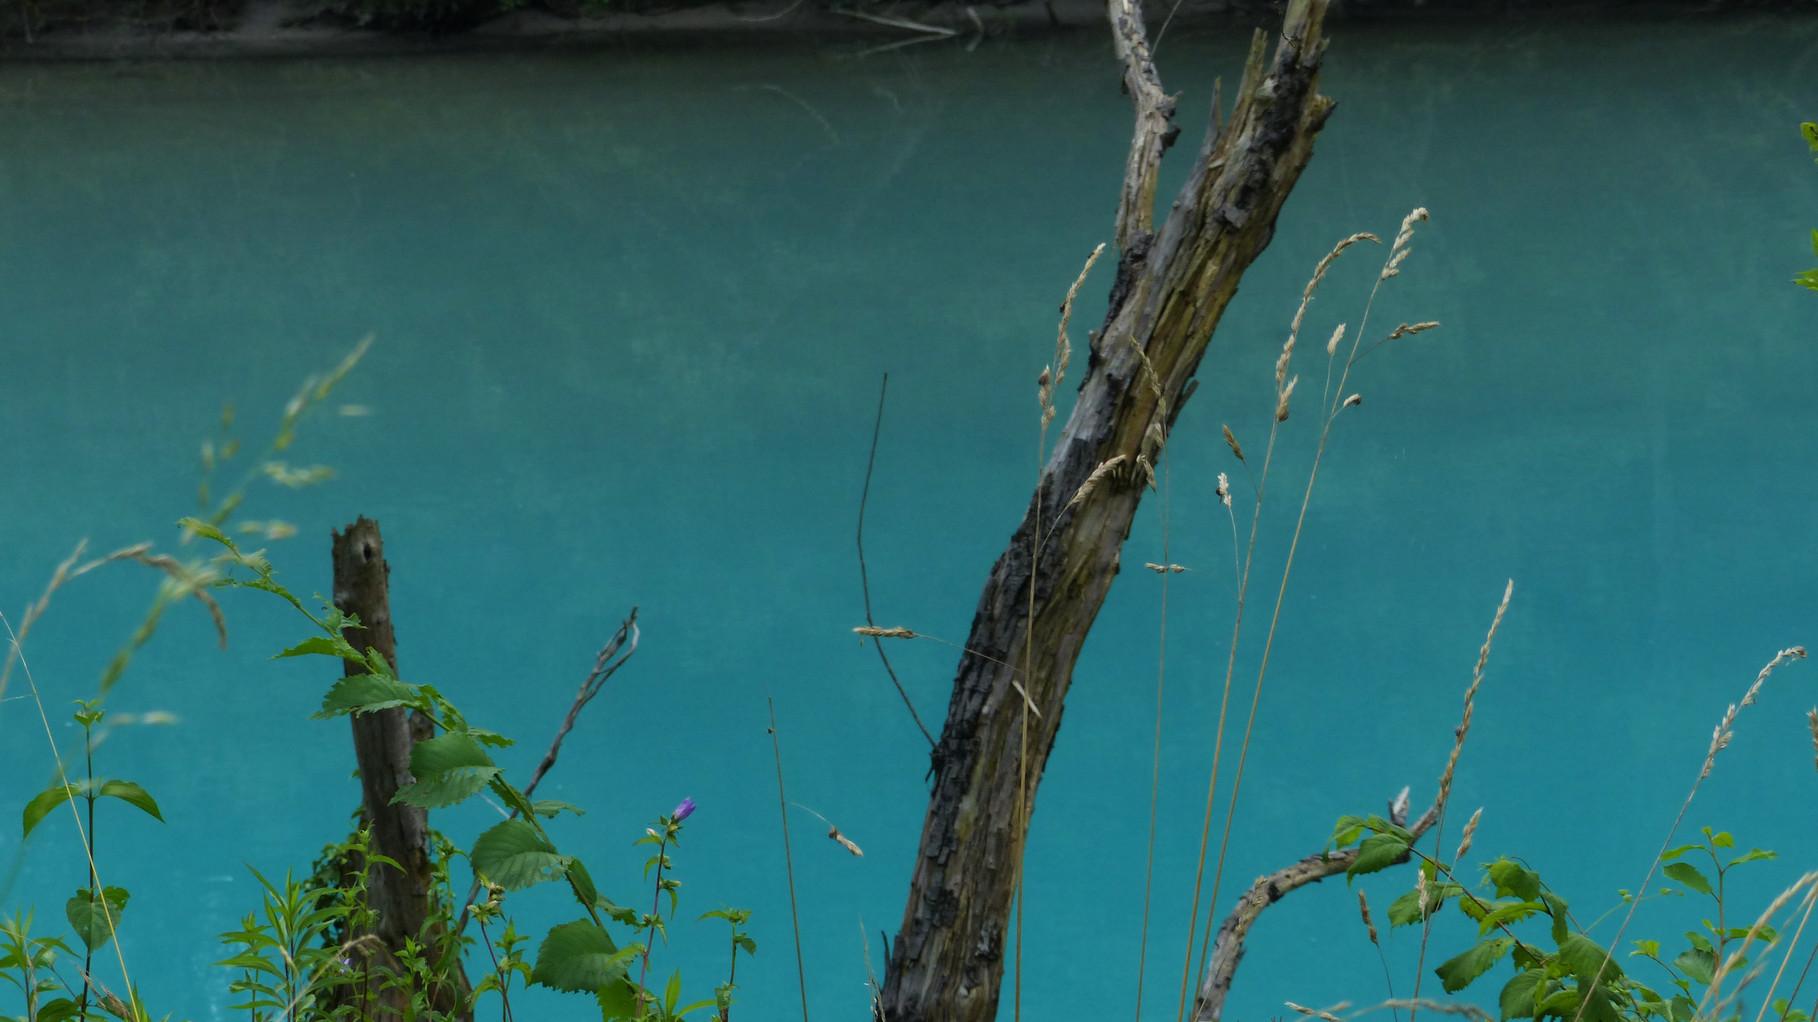 das samaragdfarbene Wasser der Soca, im Hintergrund